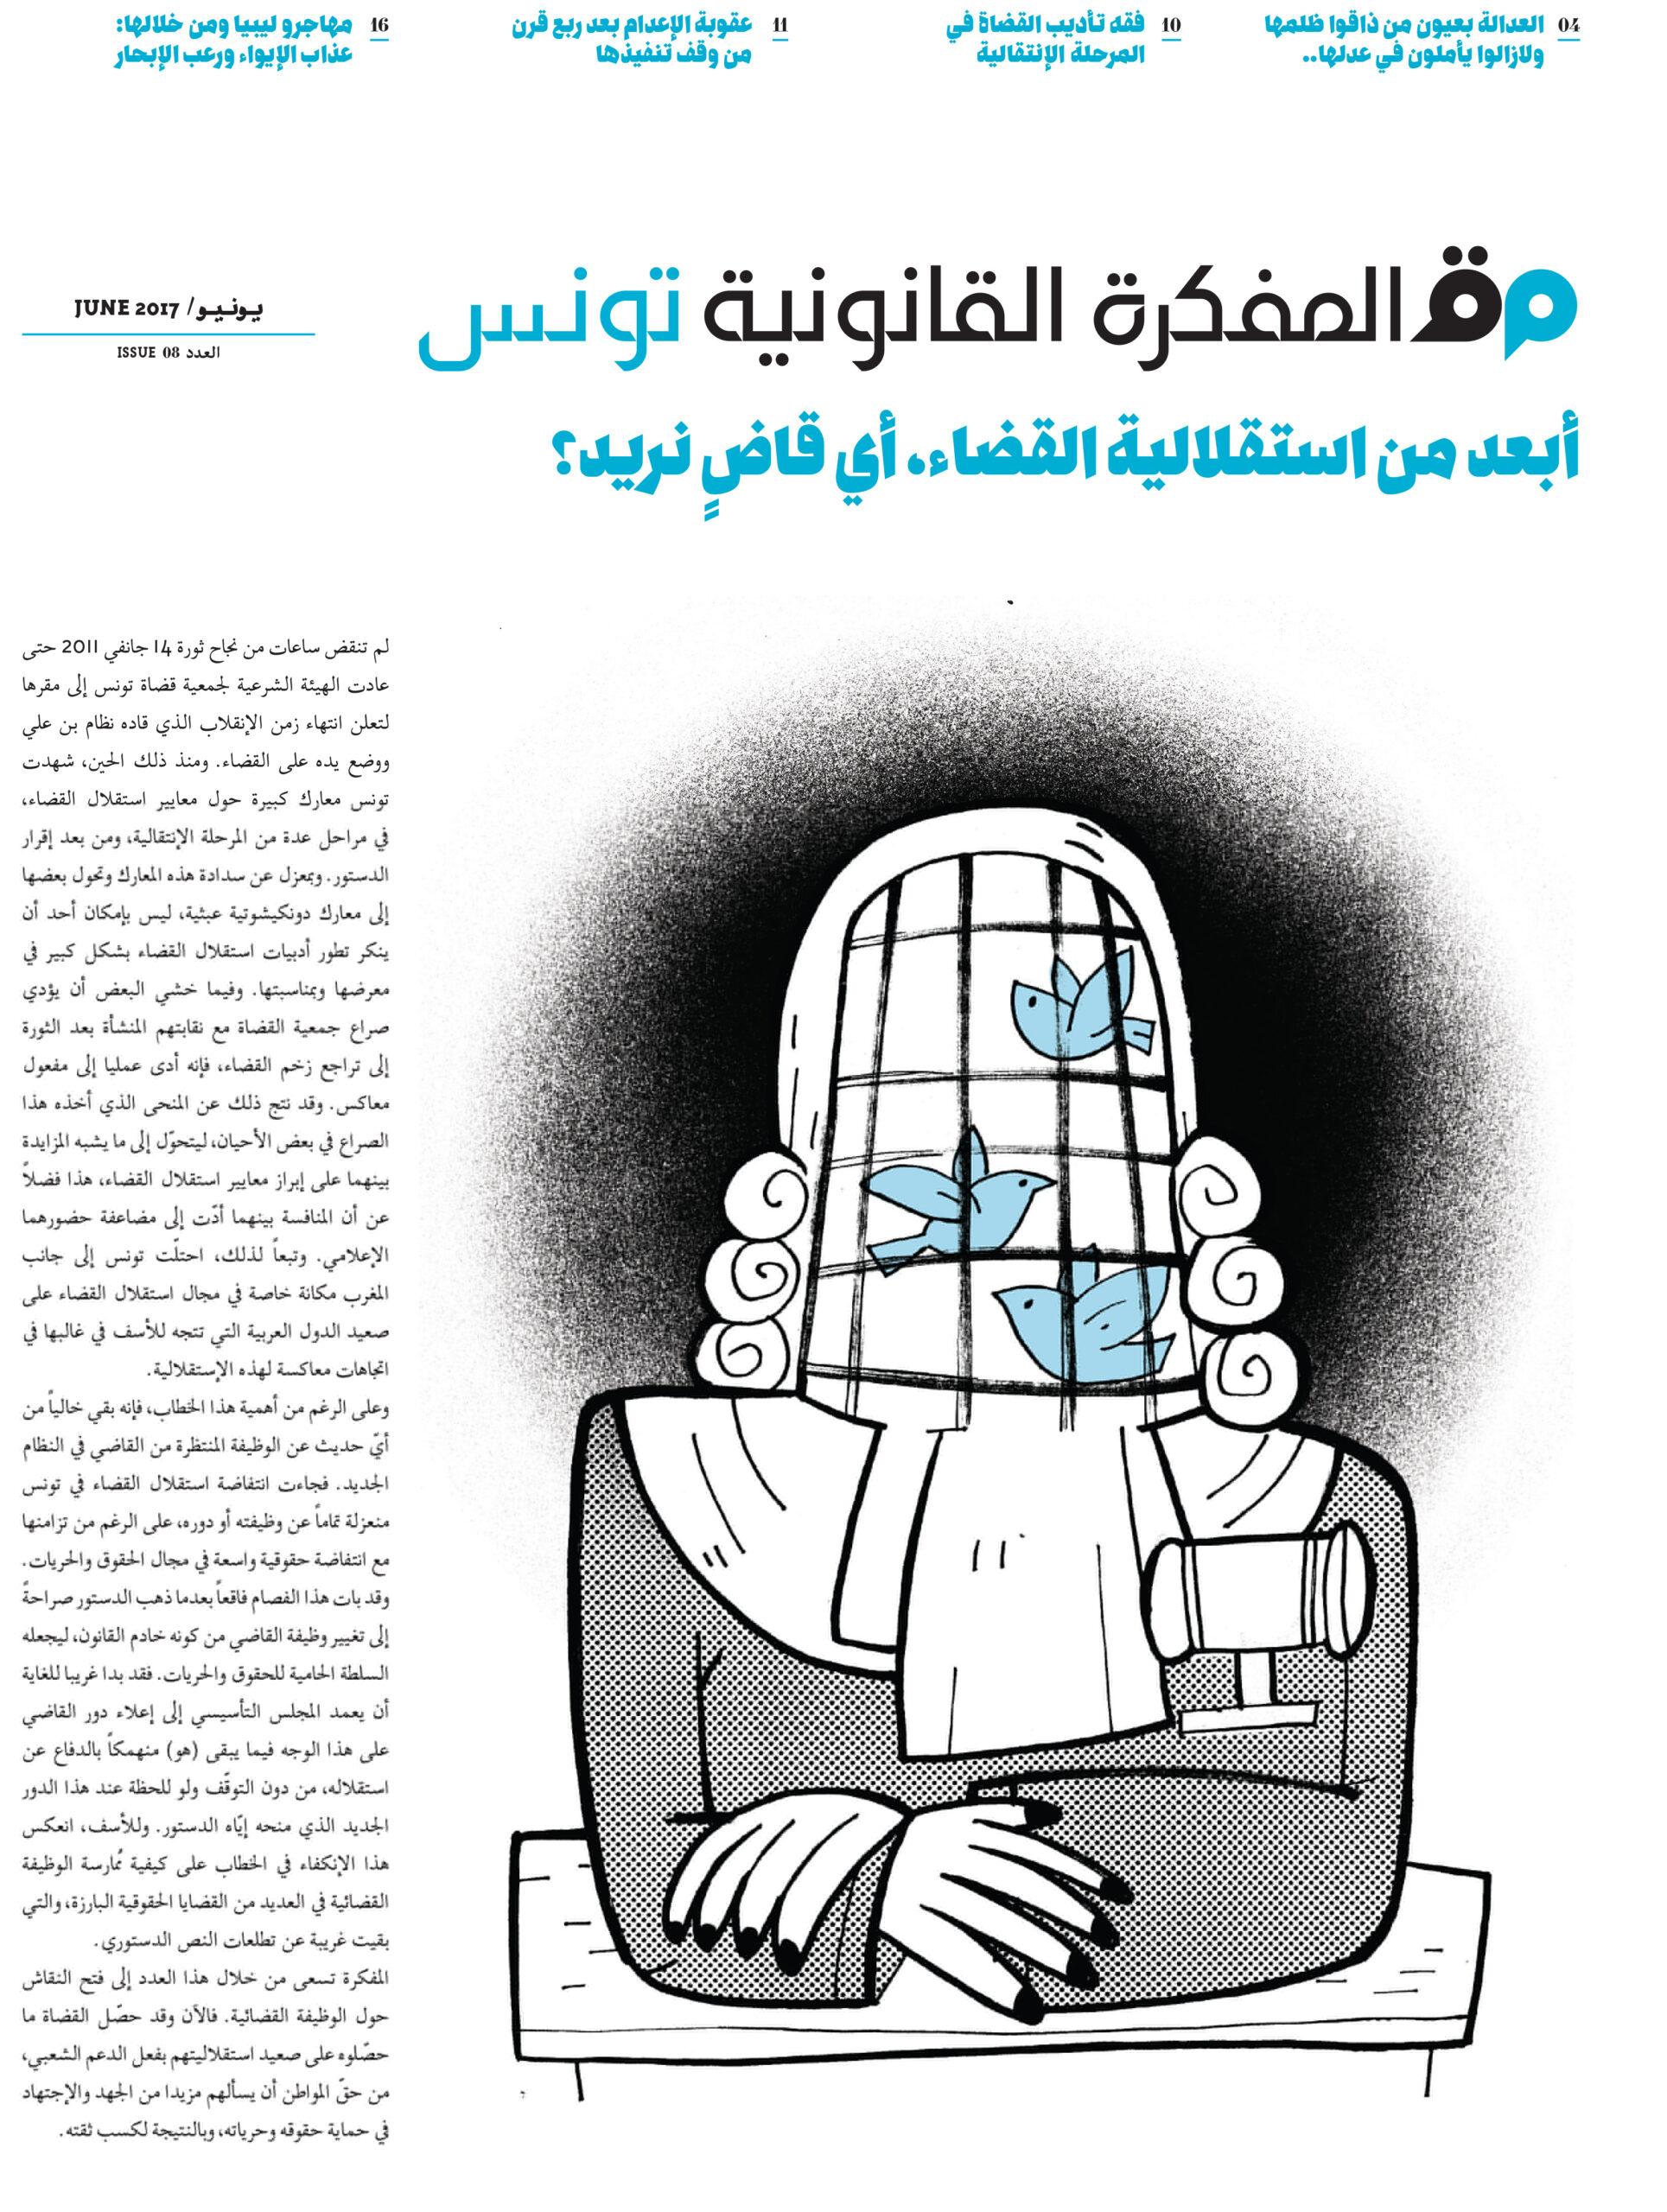 العدد 8 من مجلة المفكرة القانونية في تونس: